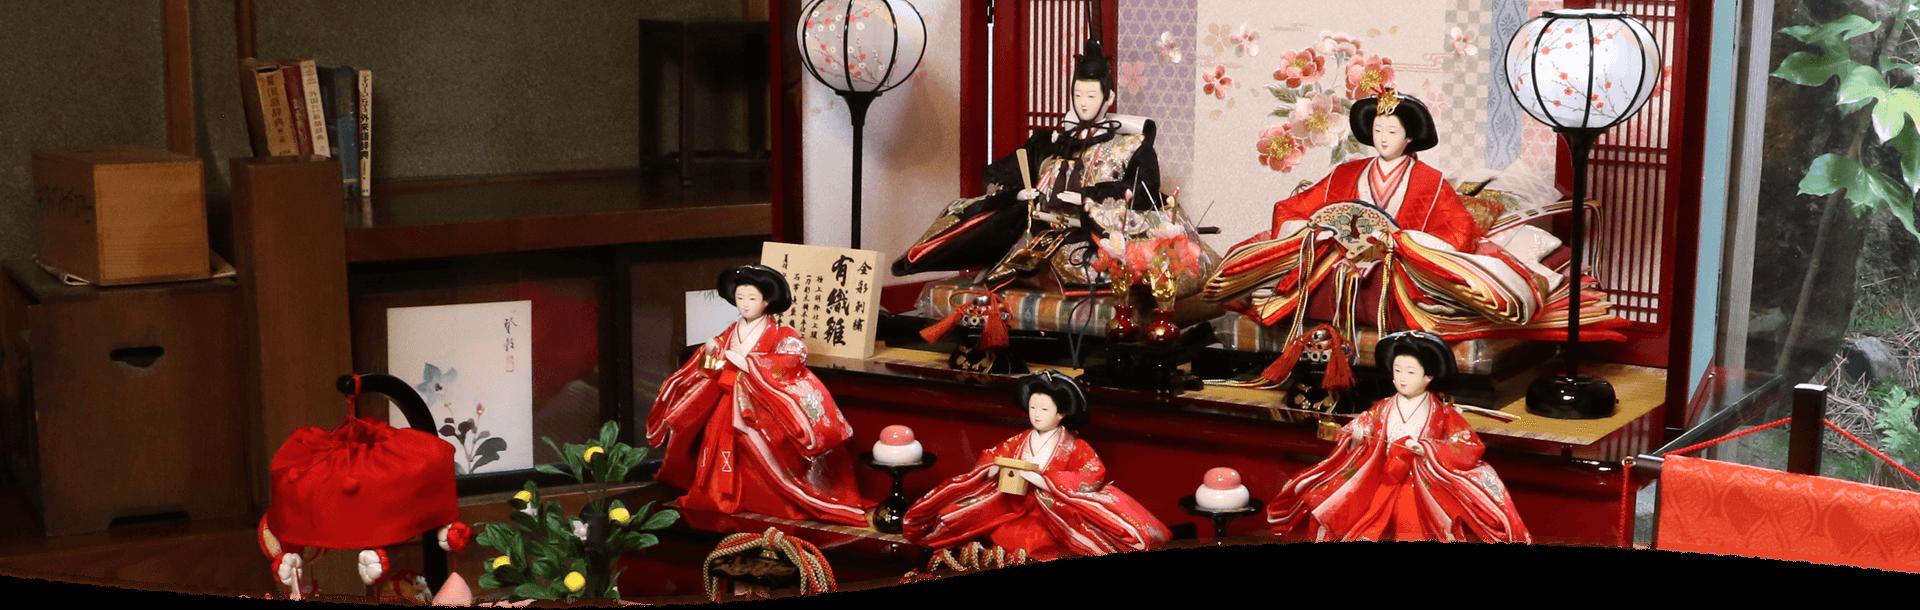 美麗な隆和堂の雛人形